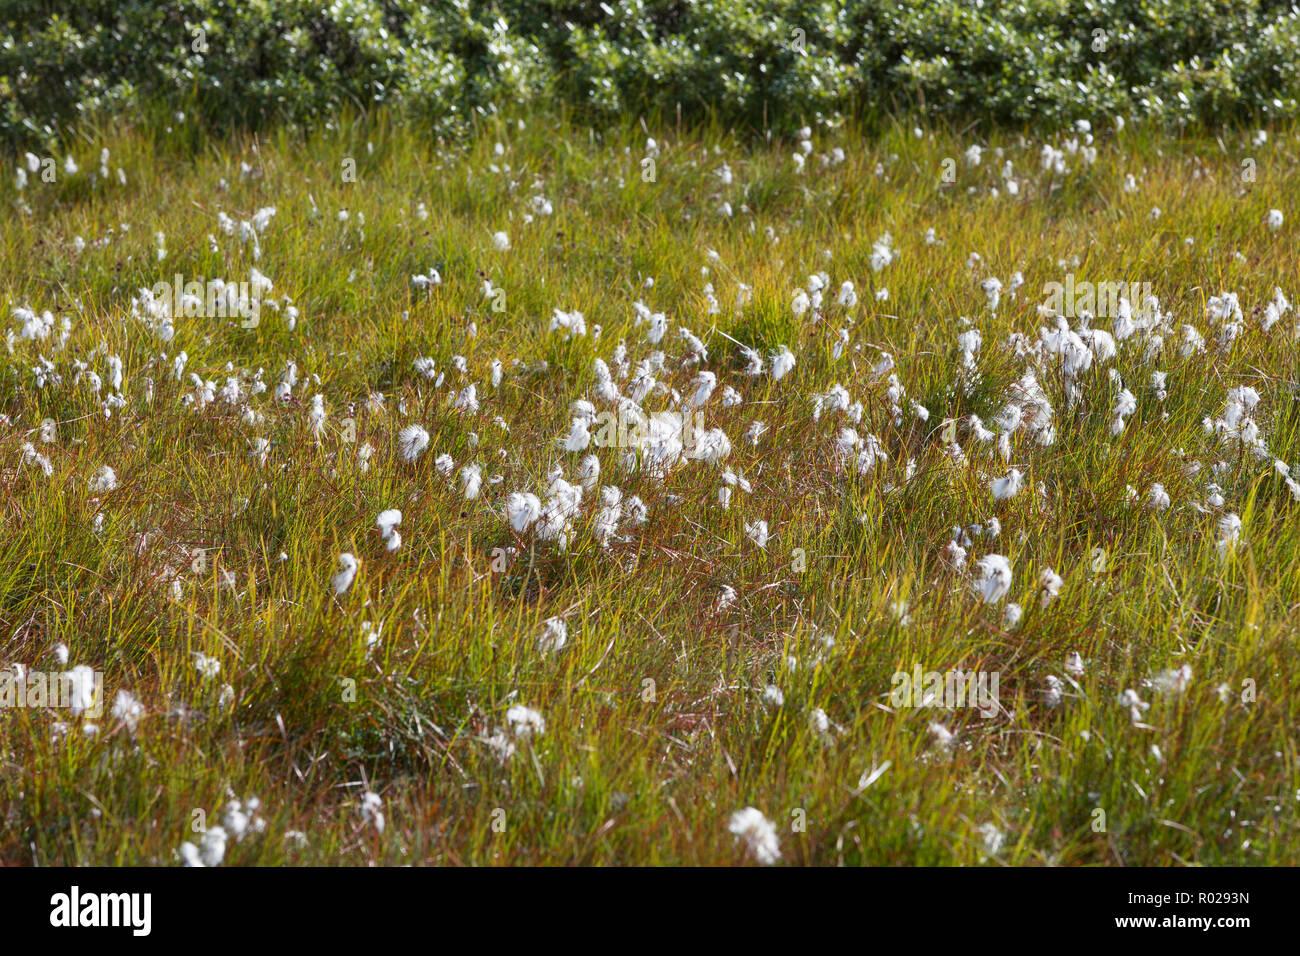 Schmalblättriges Wollgras, Wollgras, Wollgräser, Eriophorum angustifolium, common cottongrass, common cottonsedge, cottongrass, cottonsedge, bog cotto - Stock Image